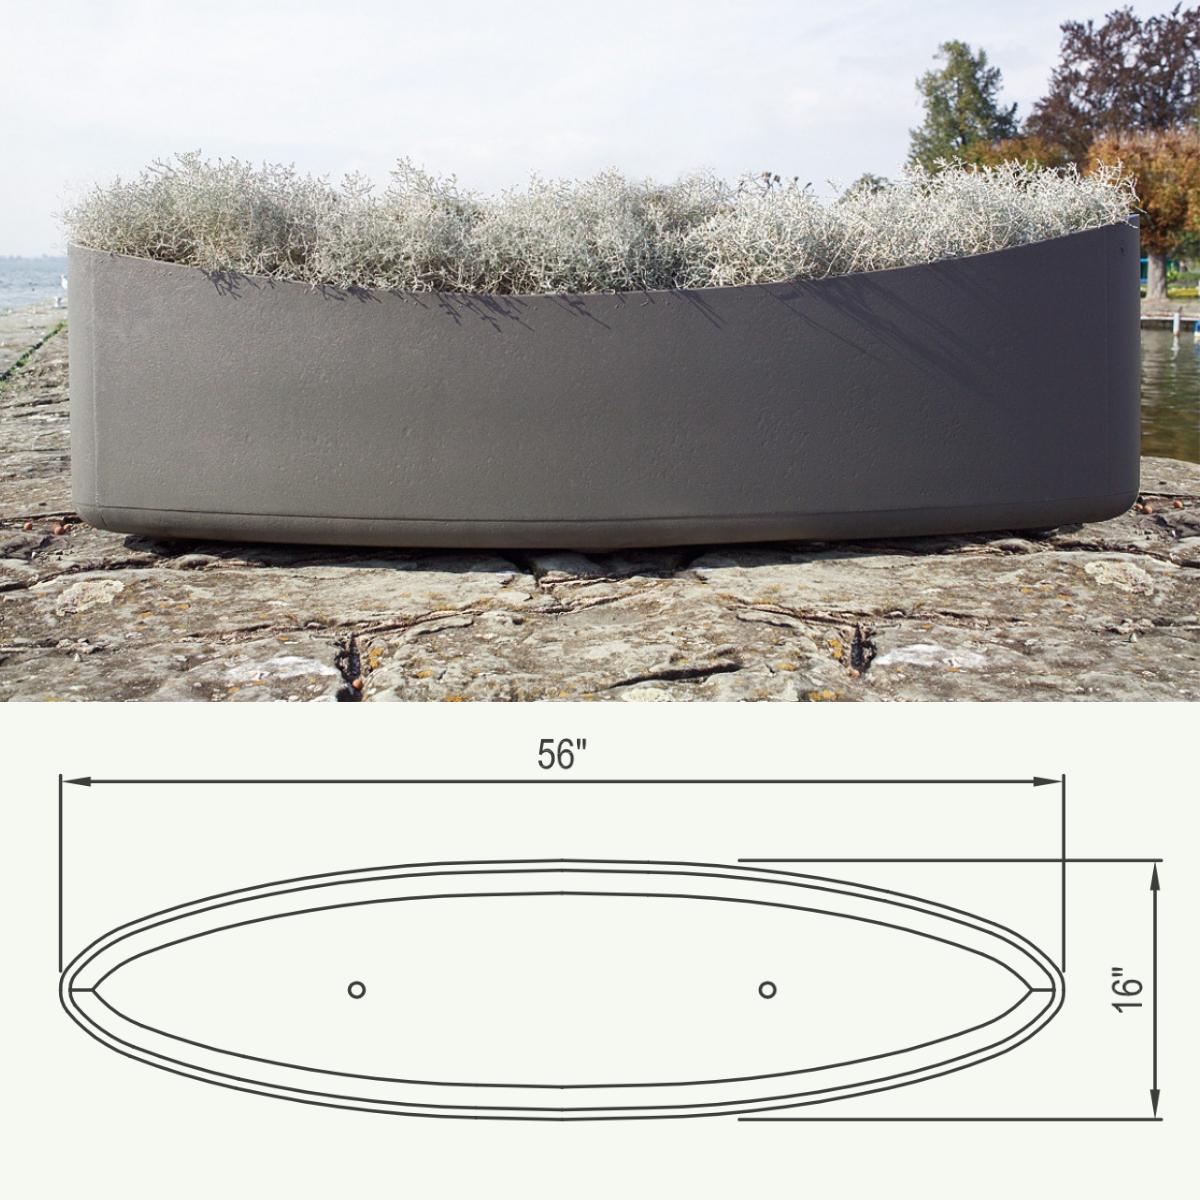 plantship-trough-planter2.png